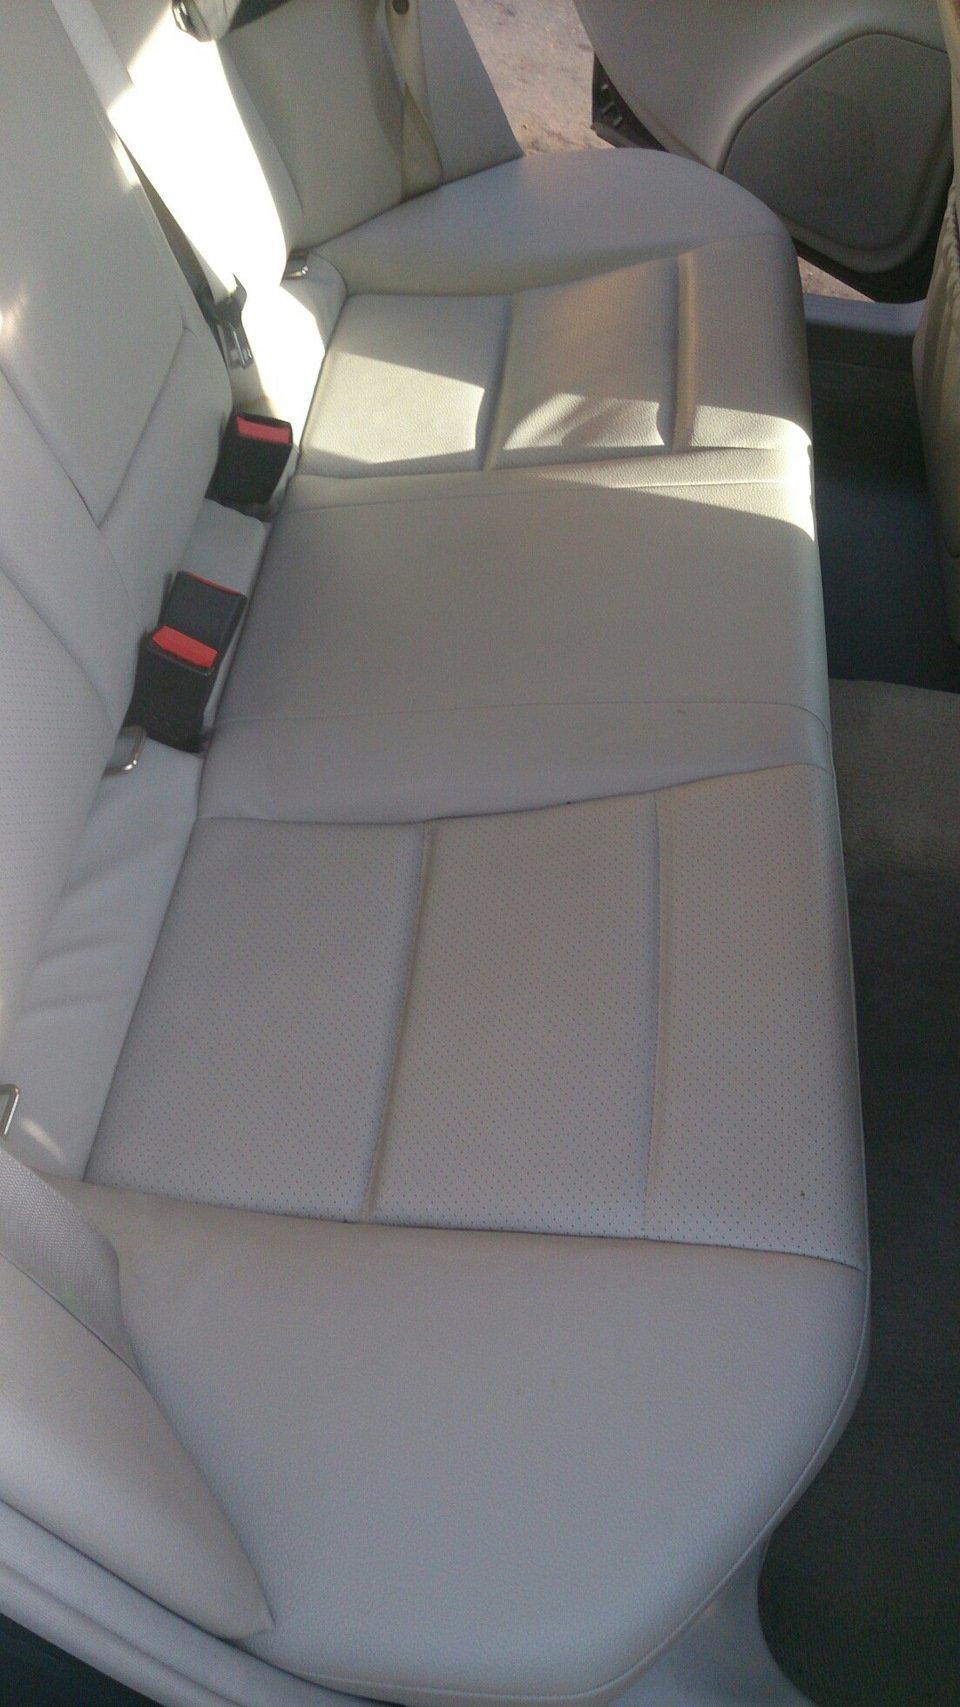 Mercedes-Benz C230 Kompressor, W203 (1)